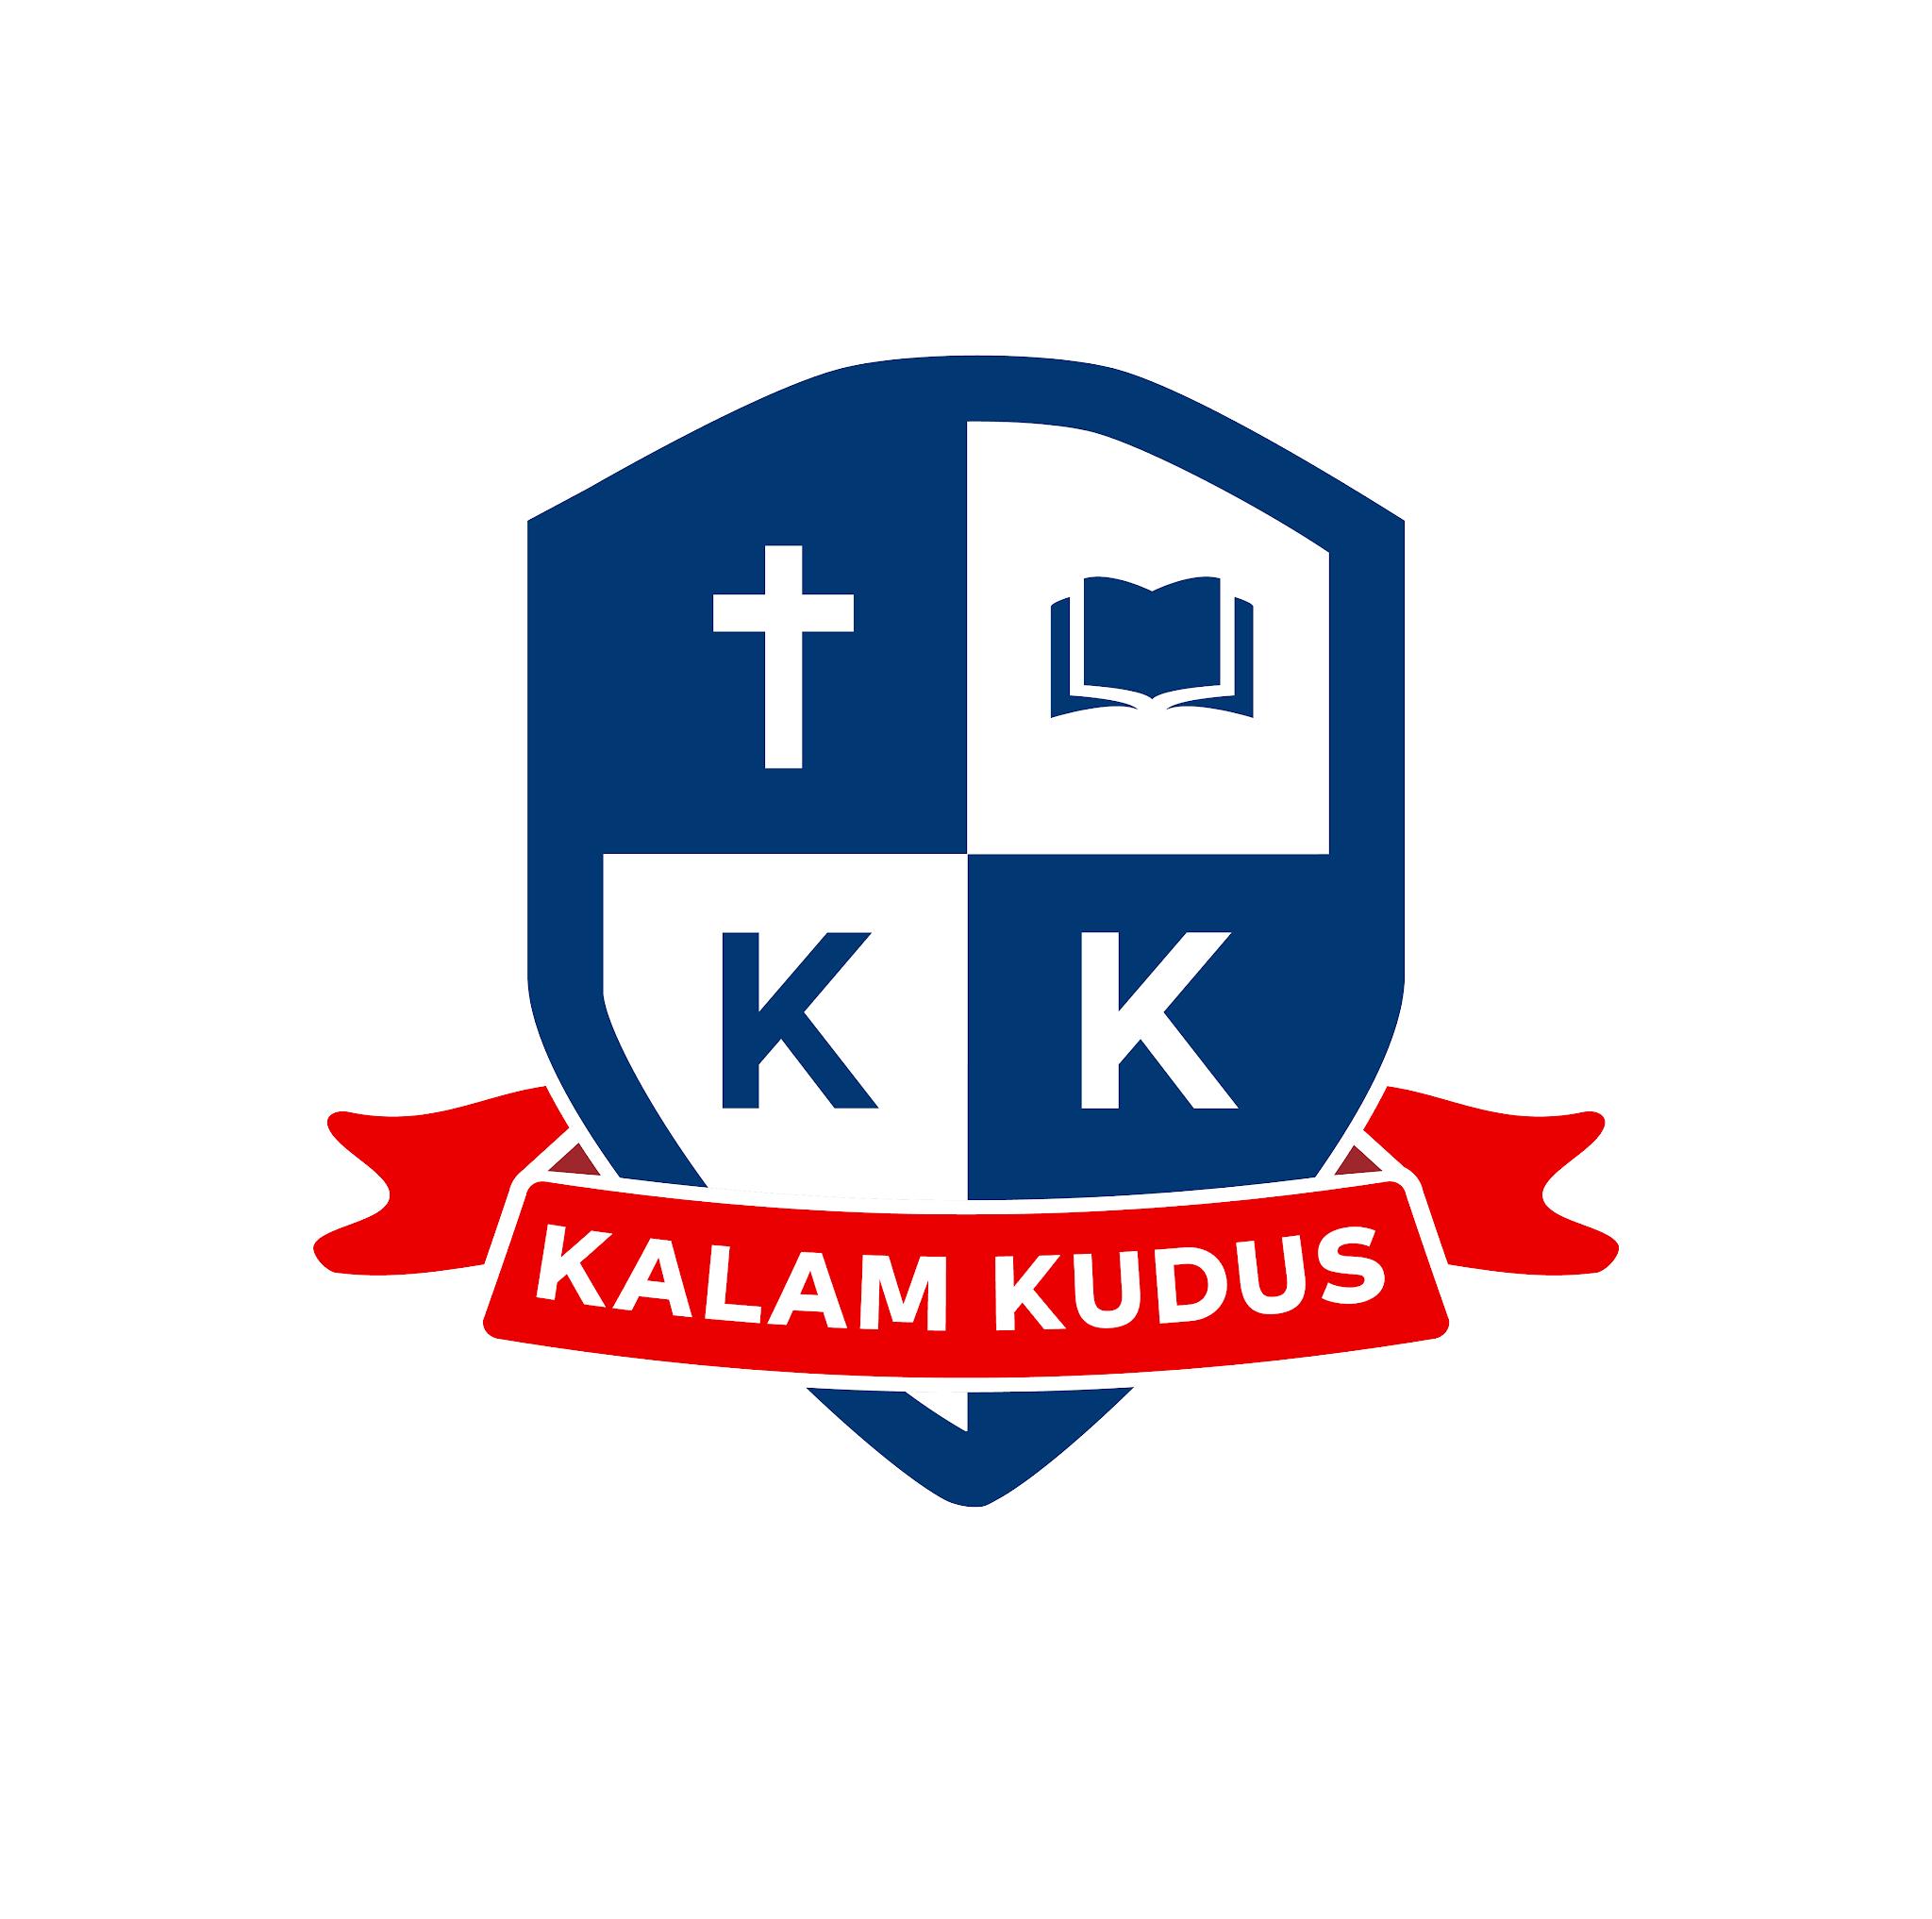 Sekolah Kristen Kalam Kudus Surakarta | Linktree